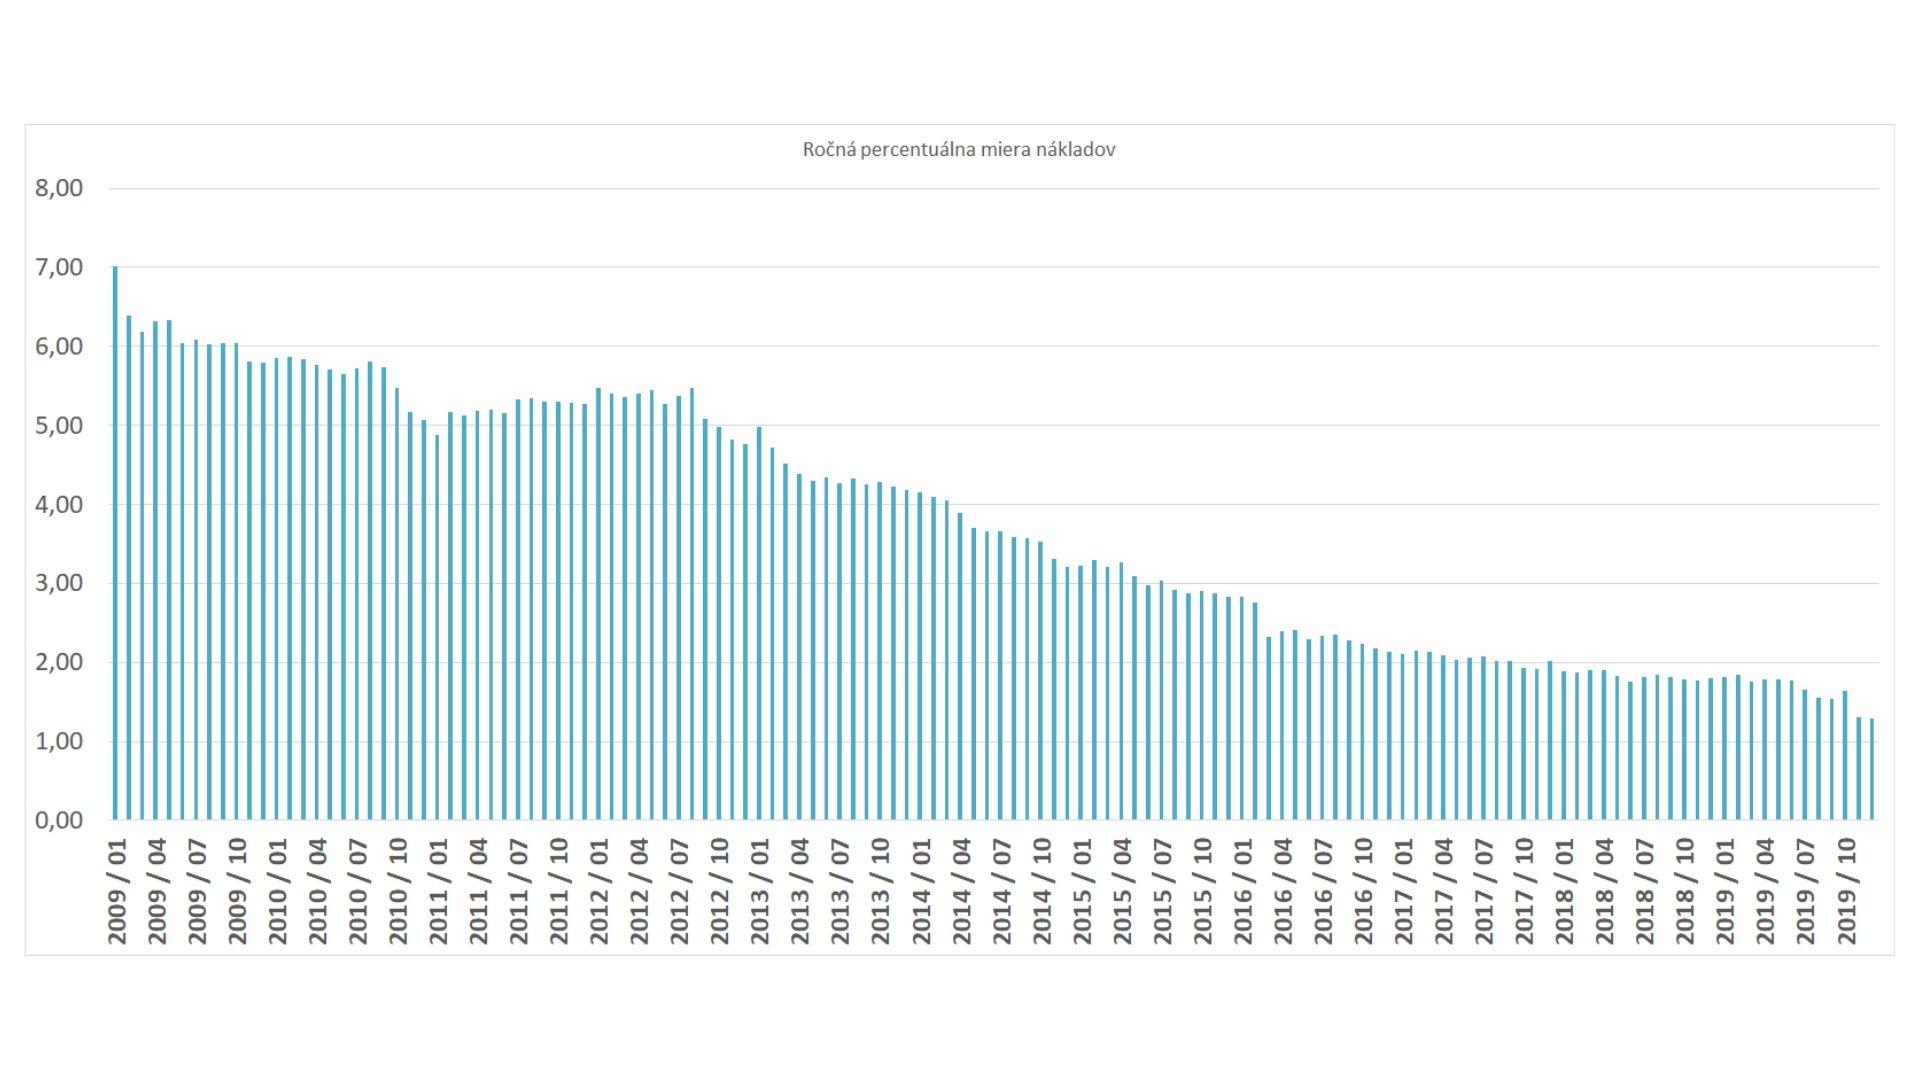 RPMN ročná percentuálna miera nákladov vývoj a Slovensku